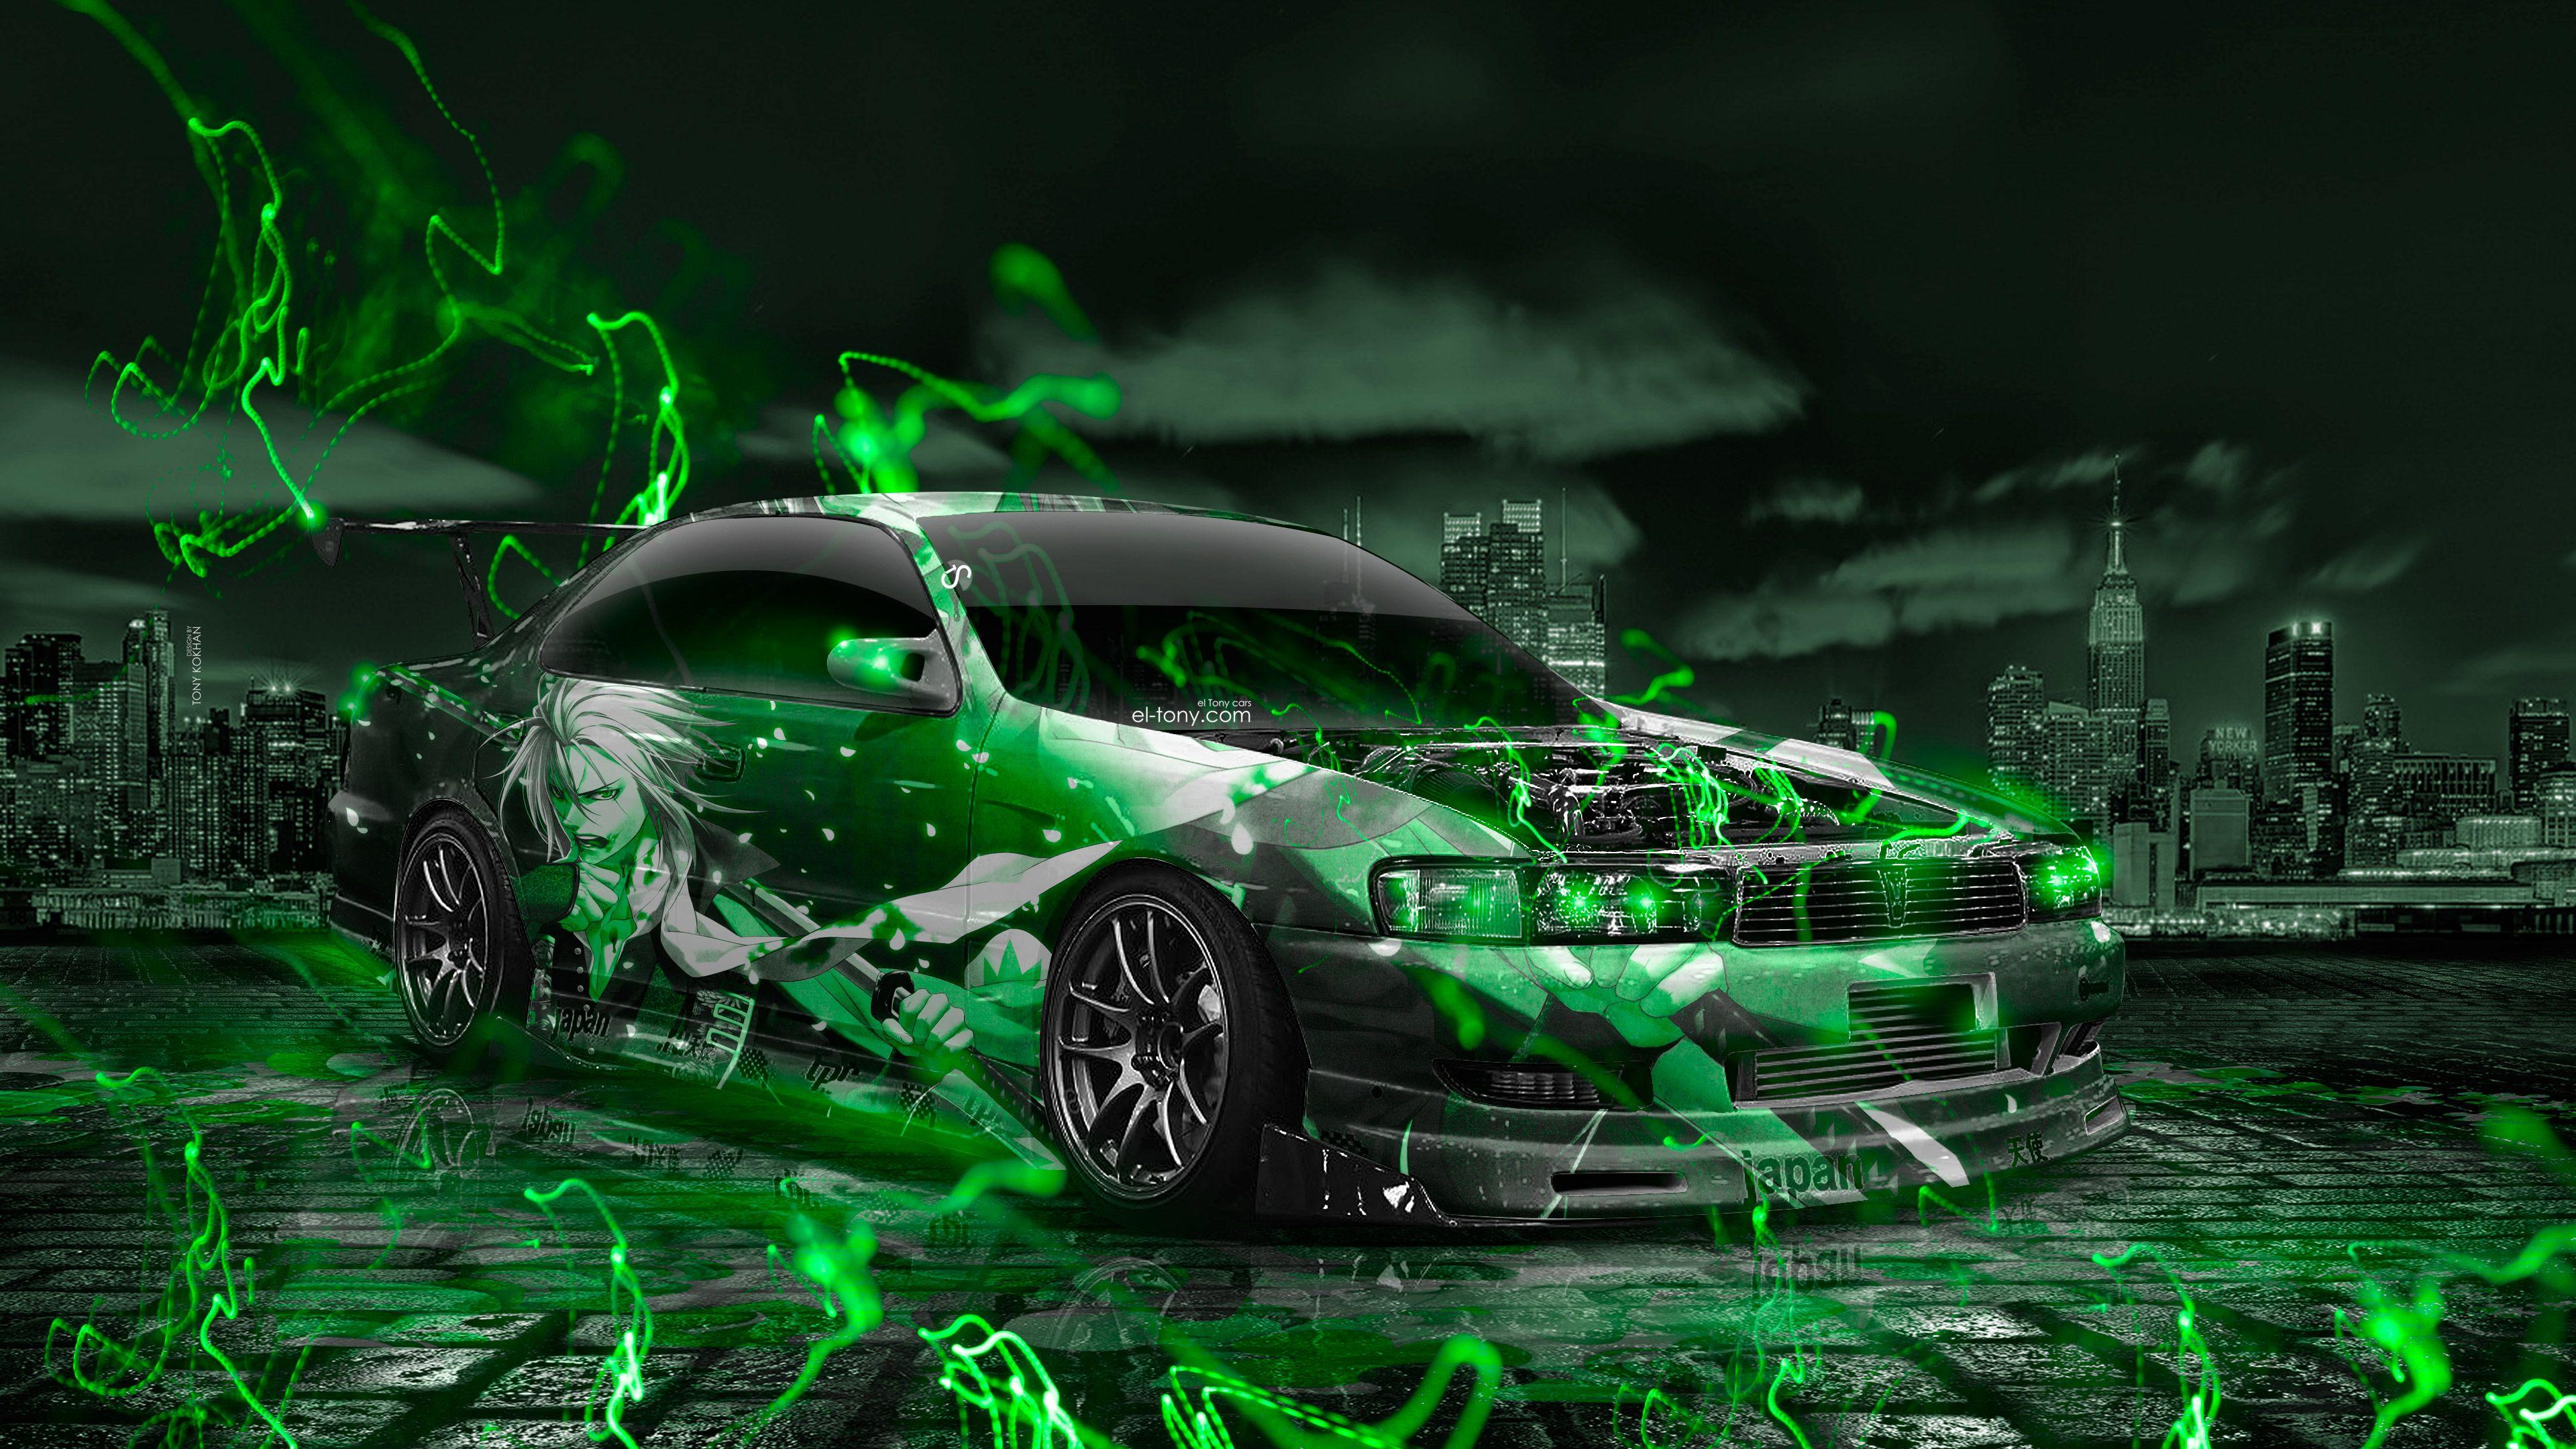 Toyota Supra JDM Crystal Nature Autumn Car 2014 Design By Tony Kokhan [www.el Tony.com]  | El Tony.com | Pinterest | Toyota Supra, Jdm And Toyota